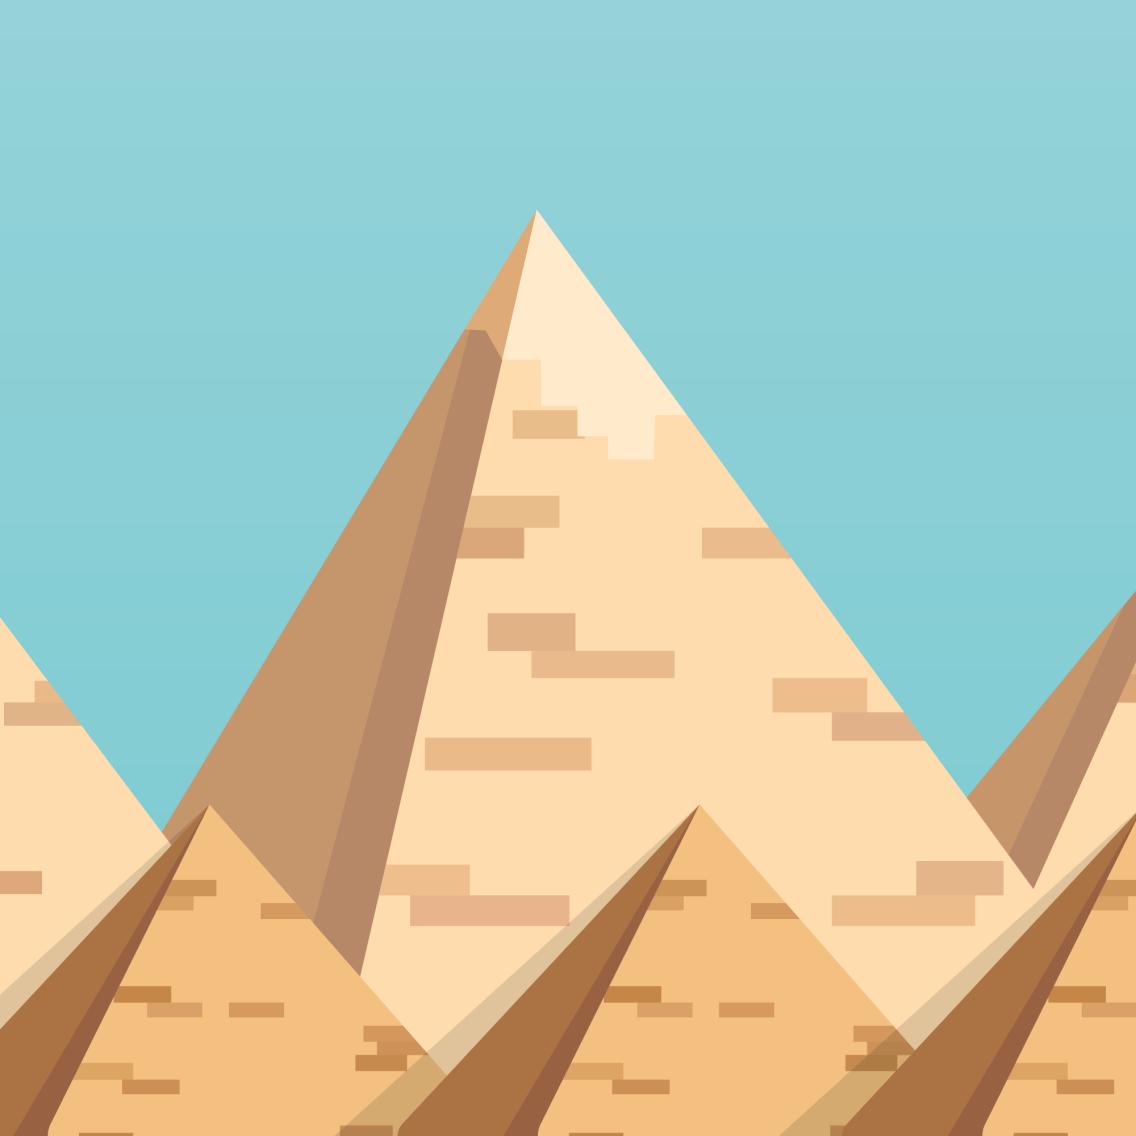 jason-b-graham-pyramids-2000-2000